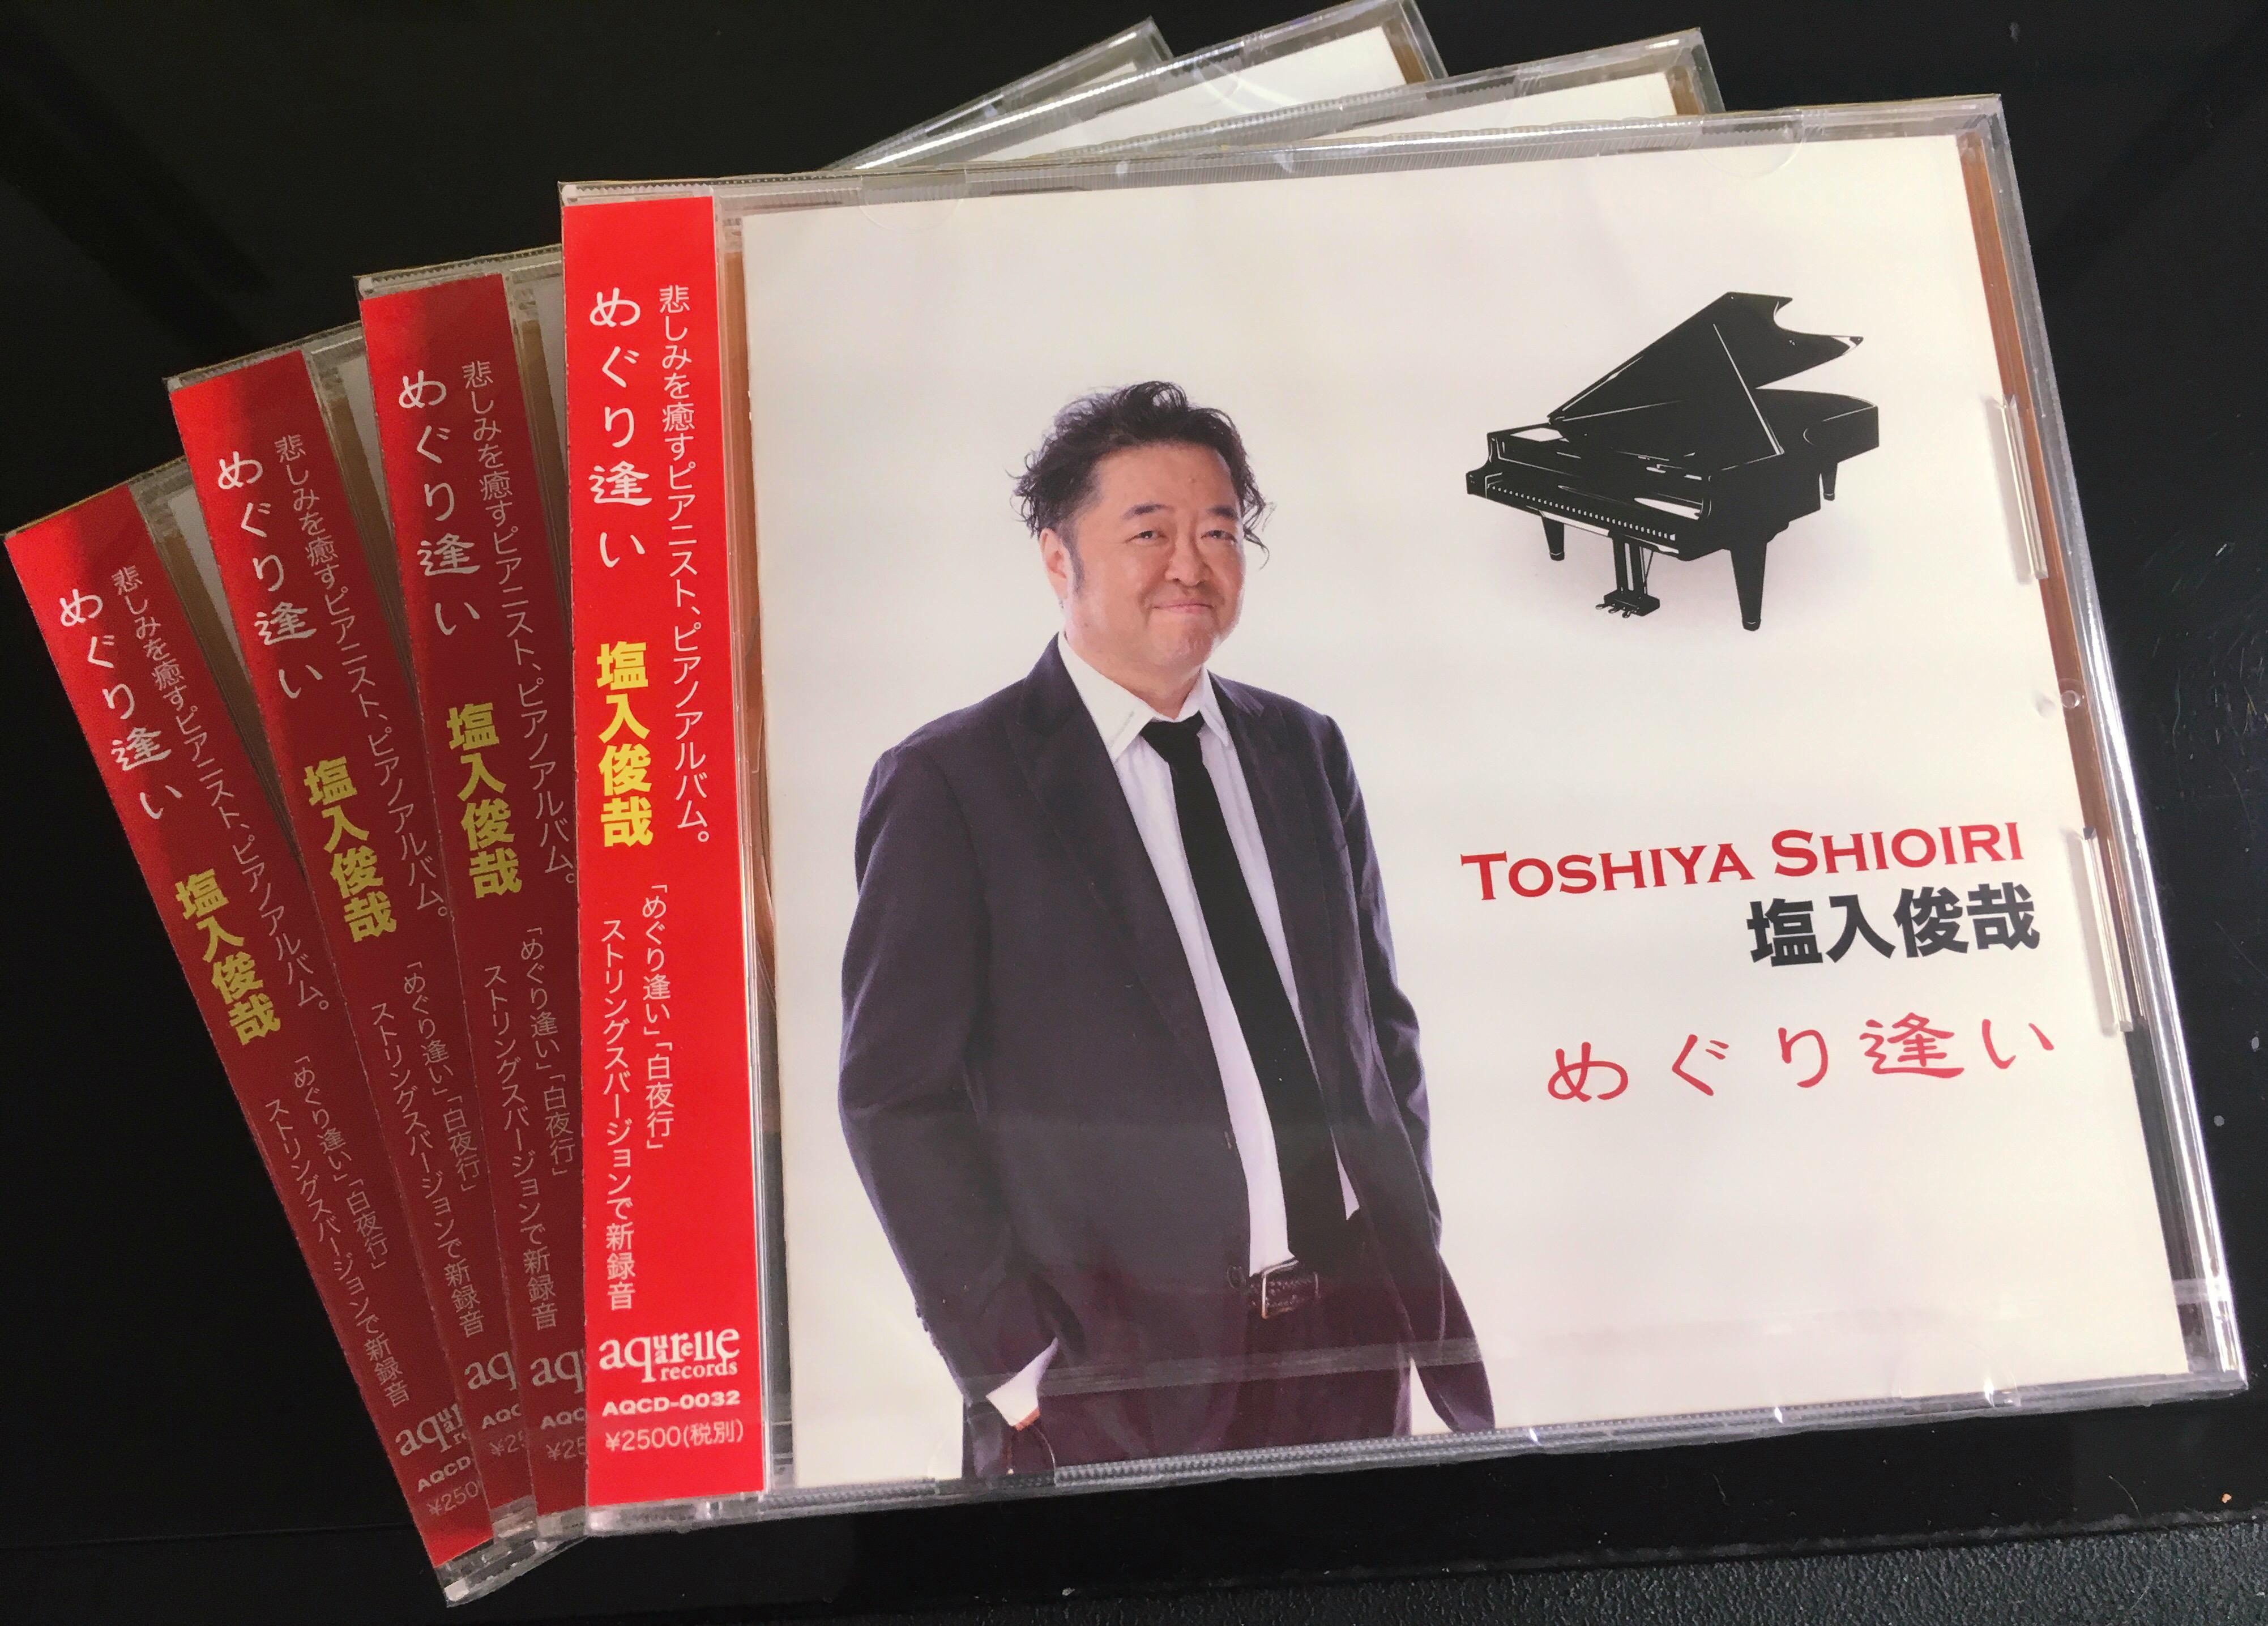 塩入俊哉NEWアルバム「めぐり逢い」リリース記念ソロライブ